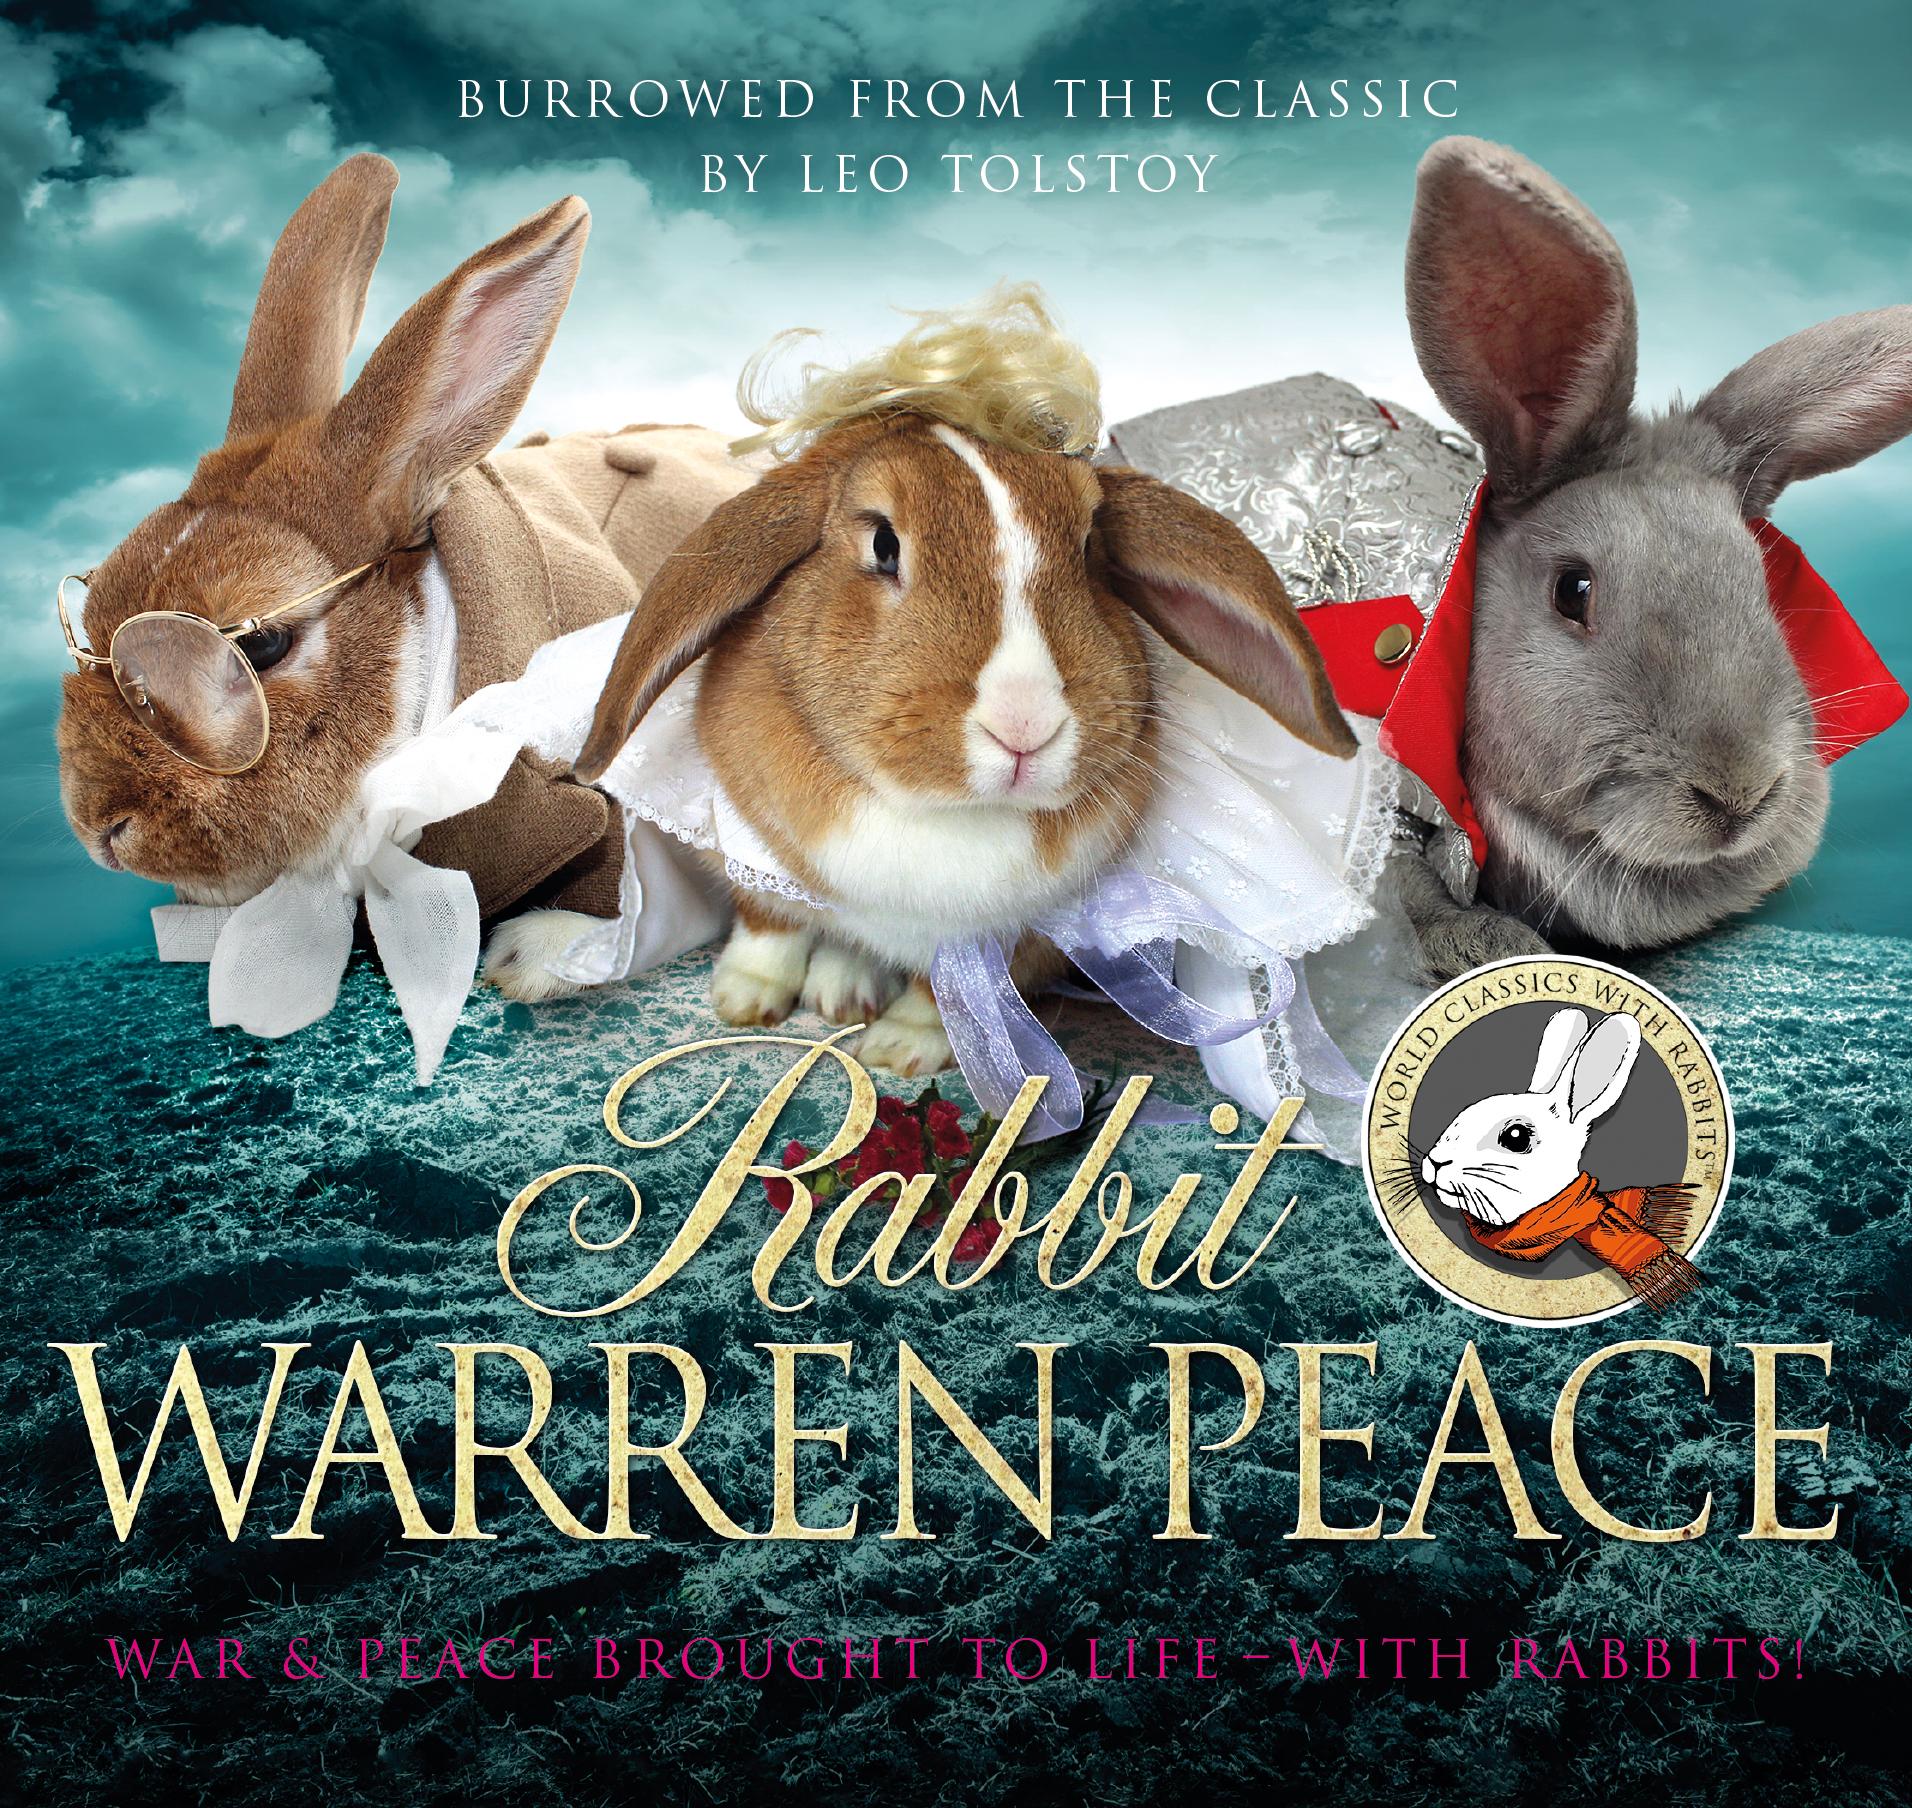 Rabbit Warren Peace